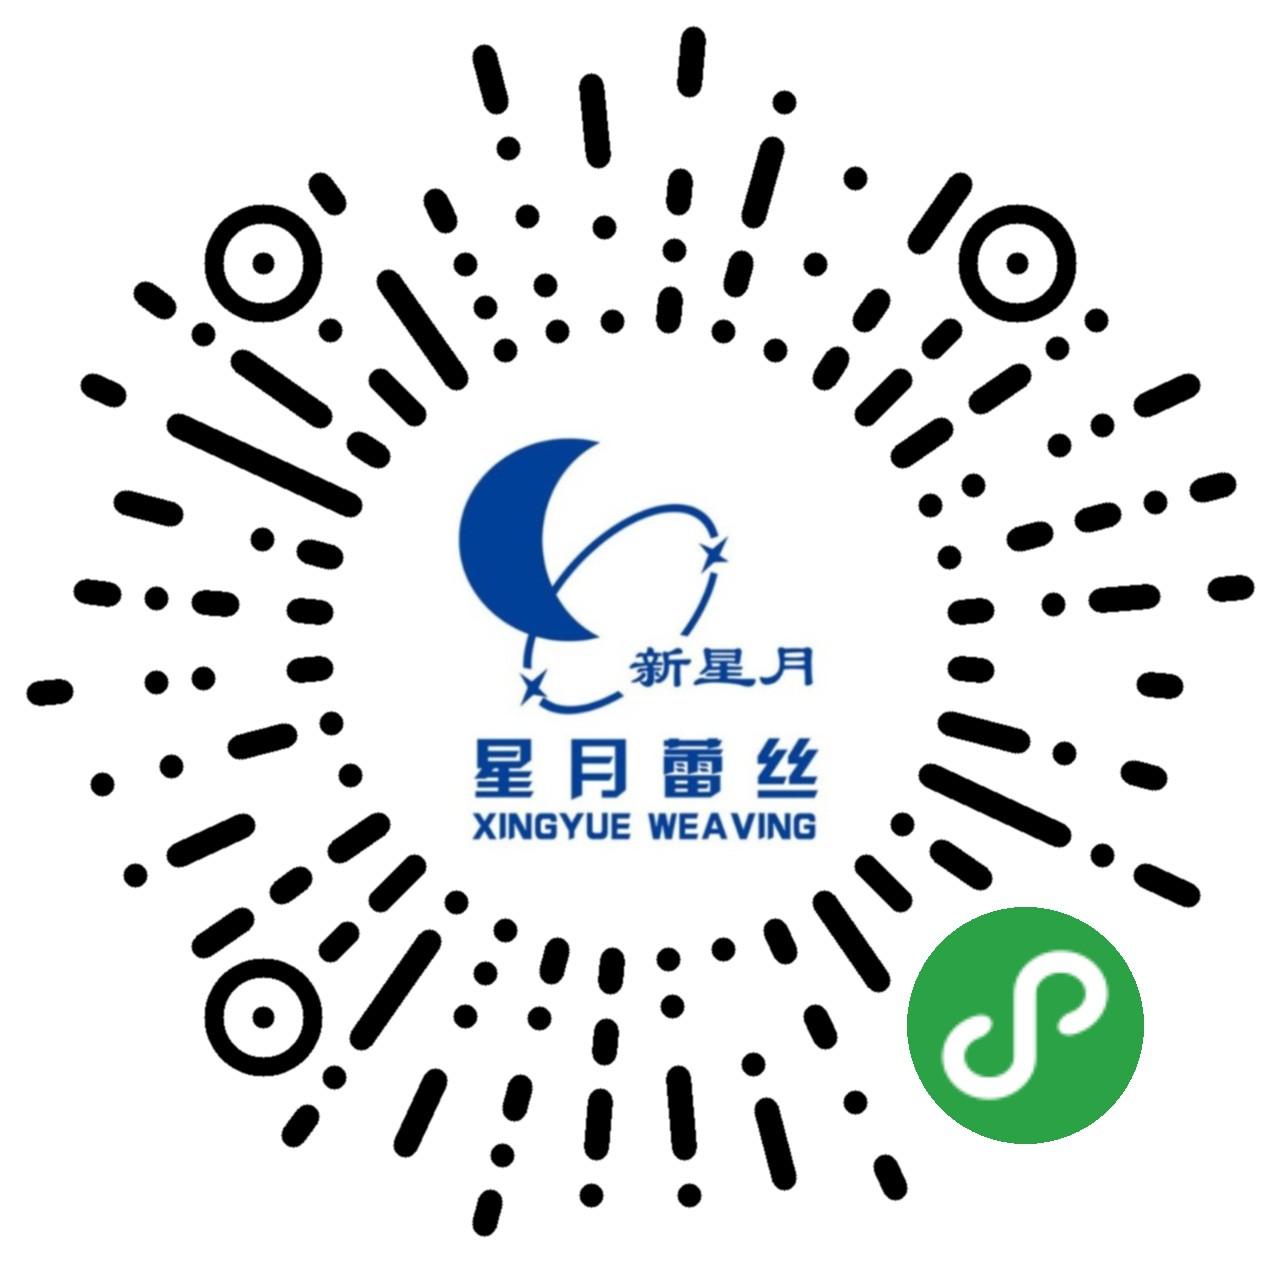 福建省长乐市星月织造有限公司